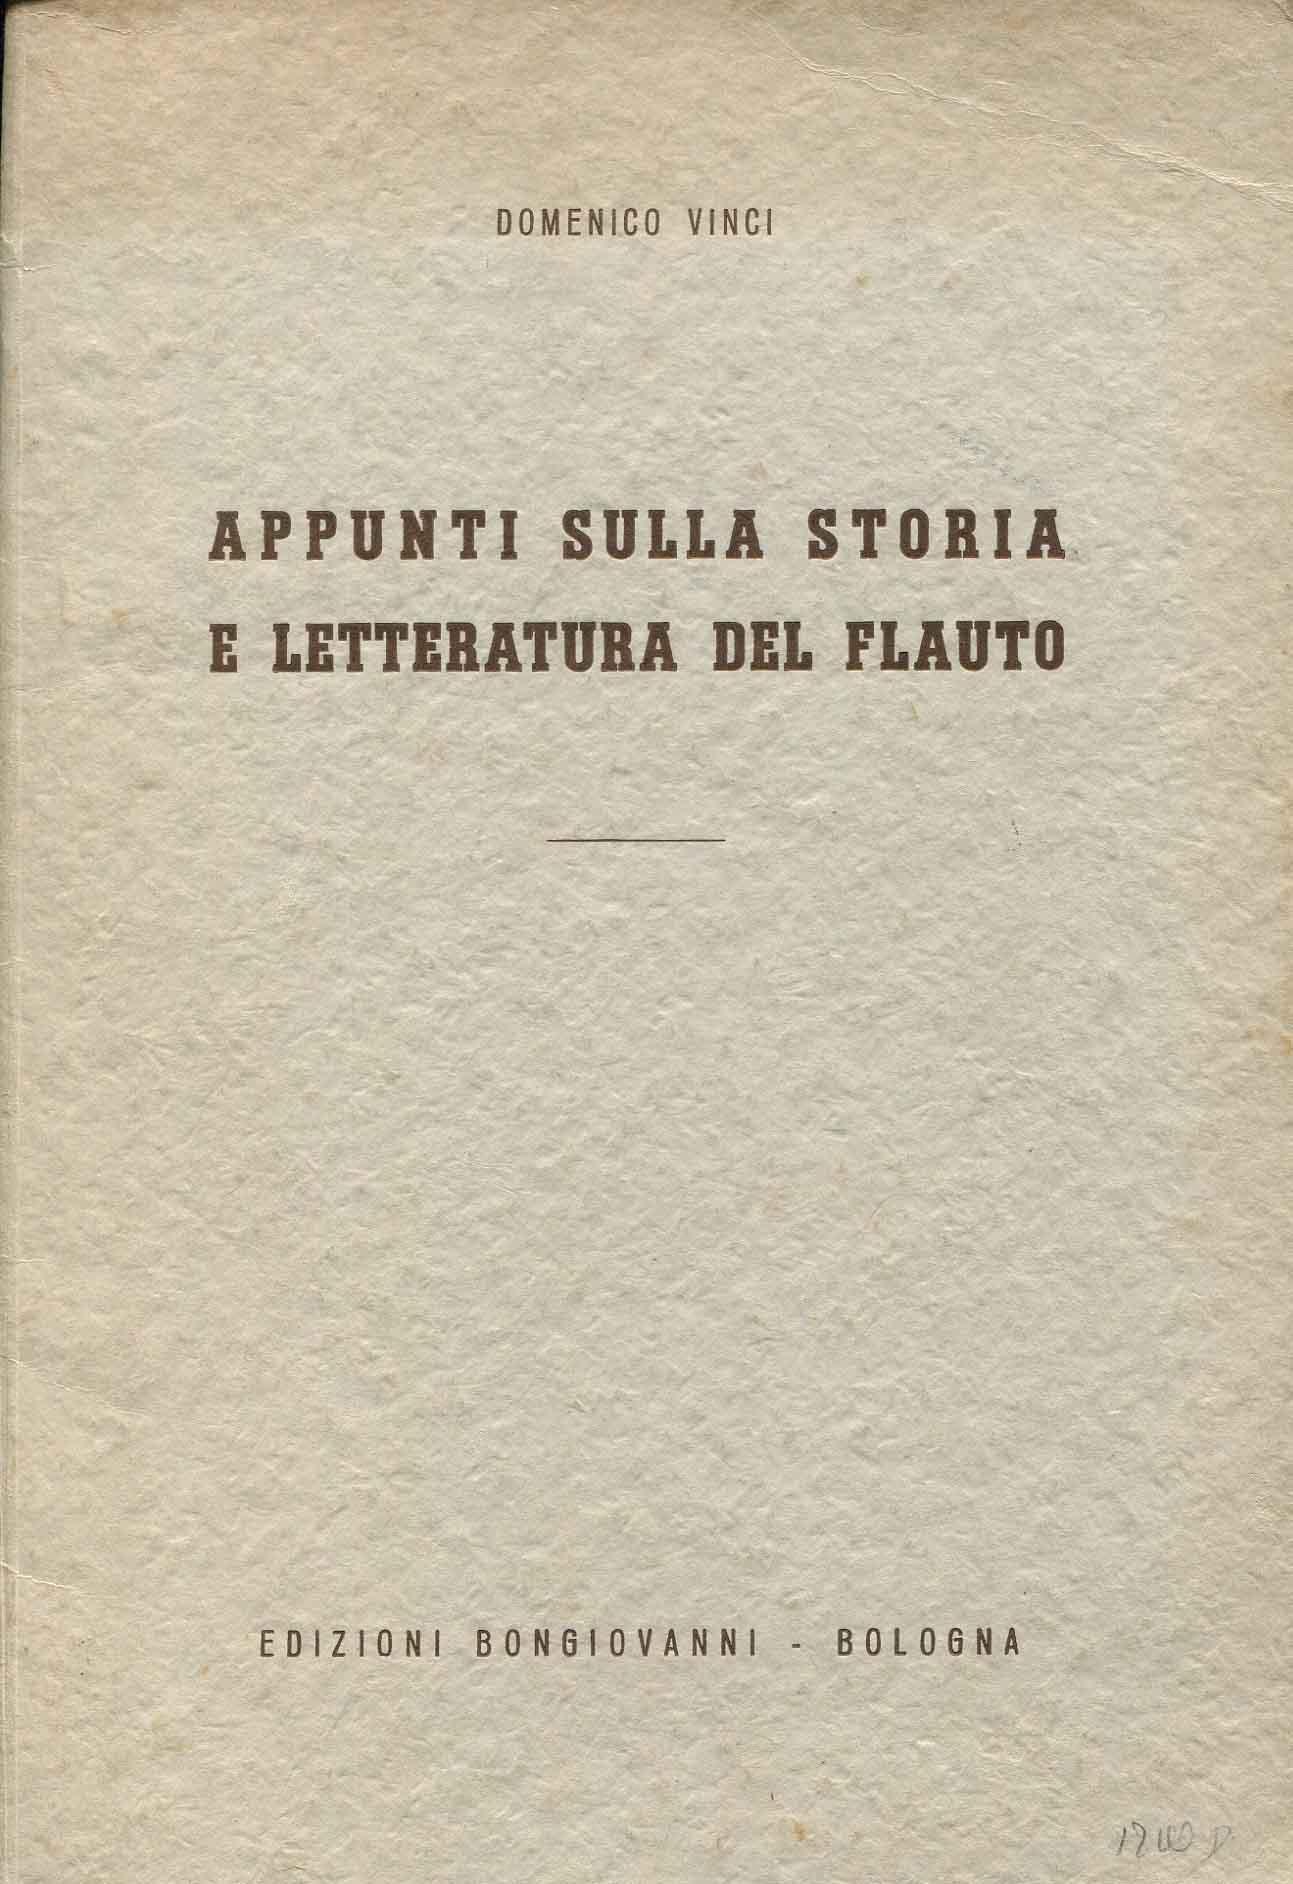 Appunti sulla storia e letteratura del flauto